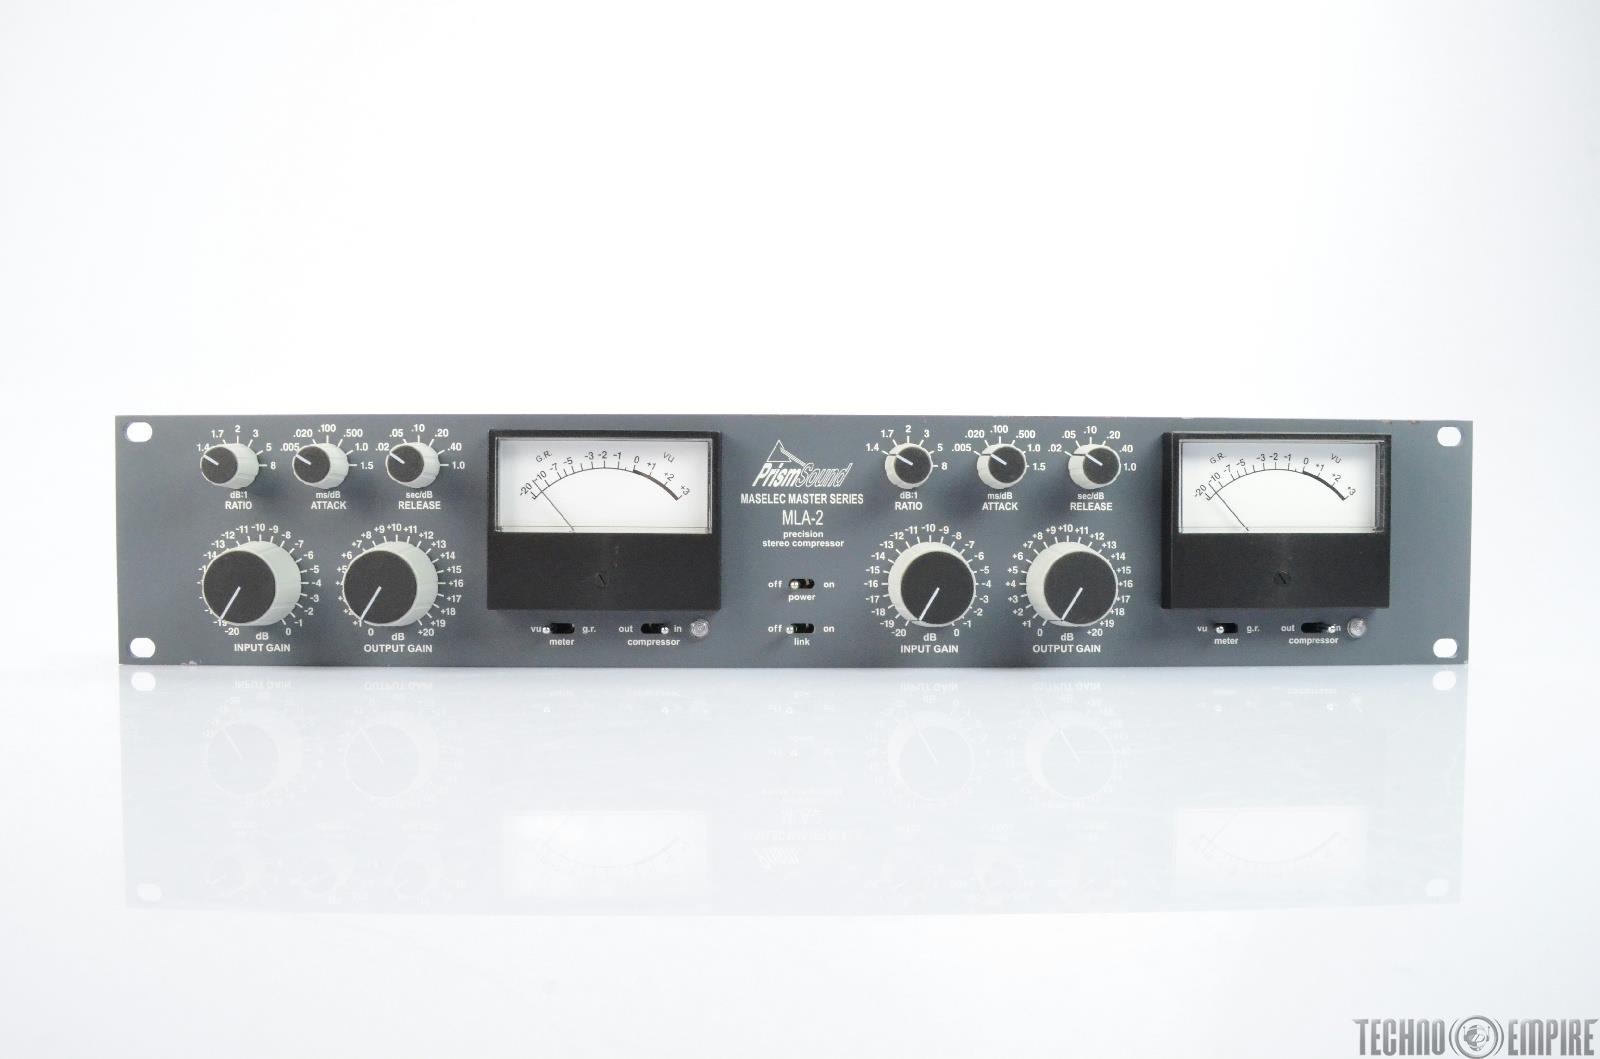 PRISM SOUND MLA-2 Maselec Master Series Precision Stereo Compressor #25707